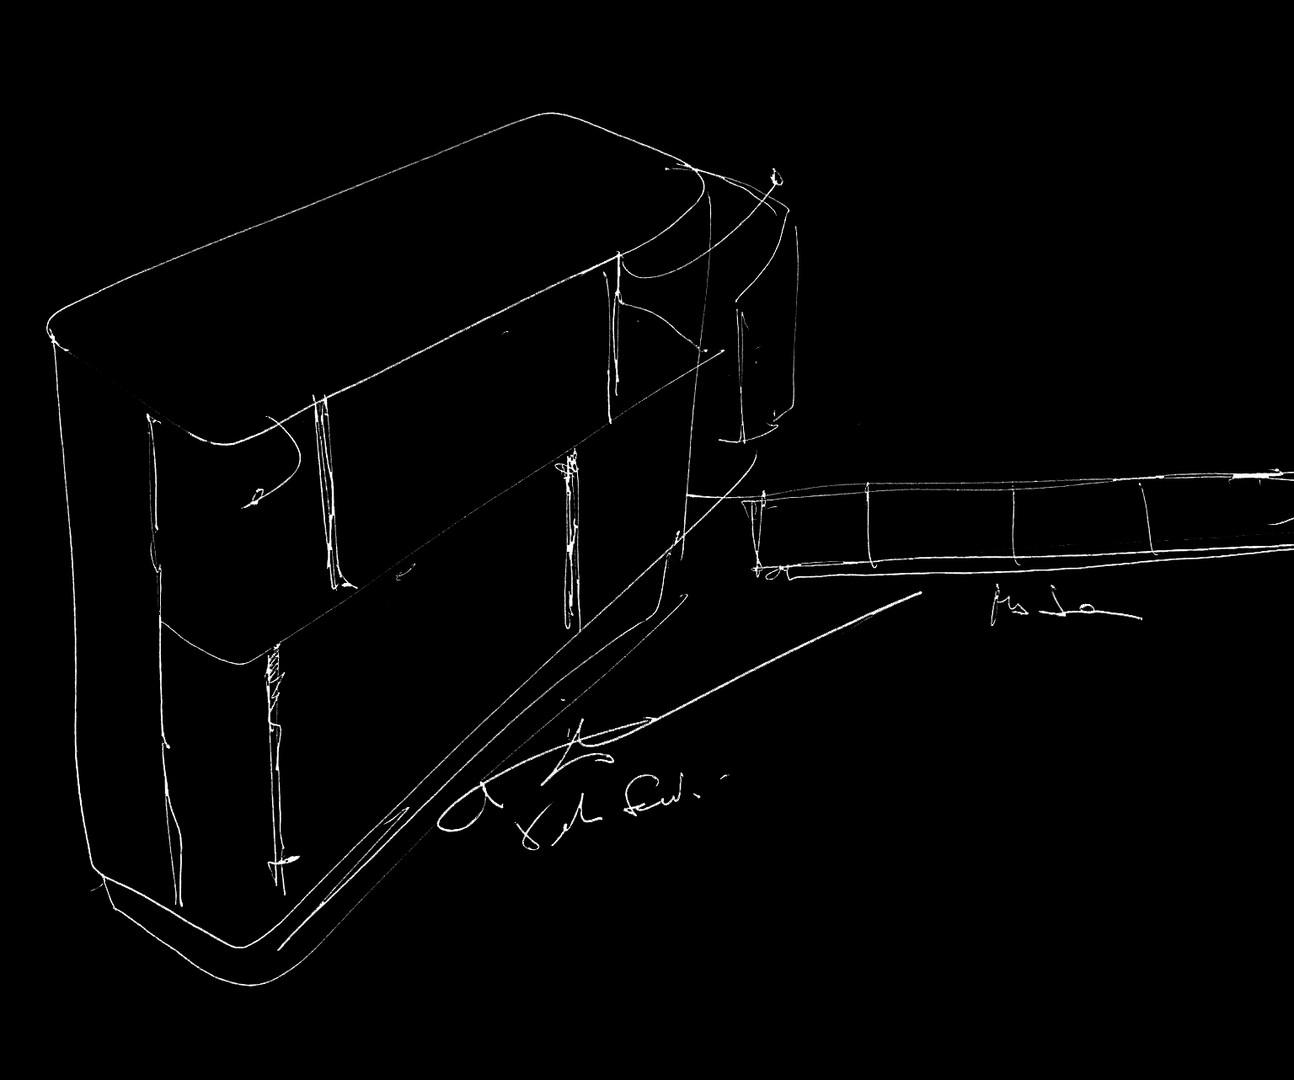 ELIE SAAB Maison: Essence Cabinets